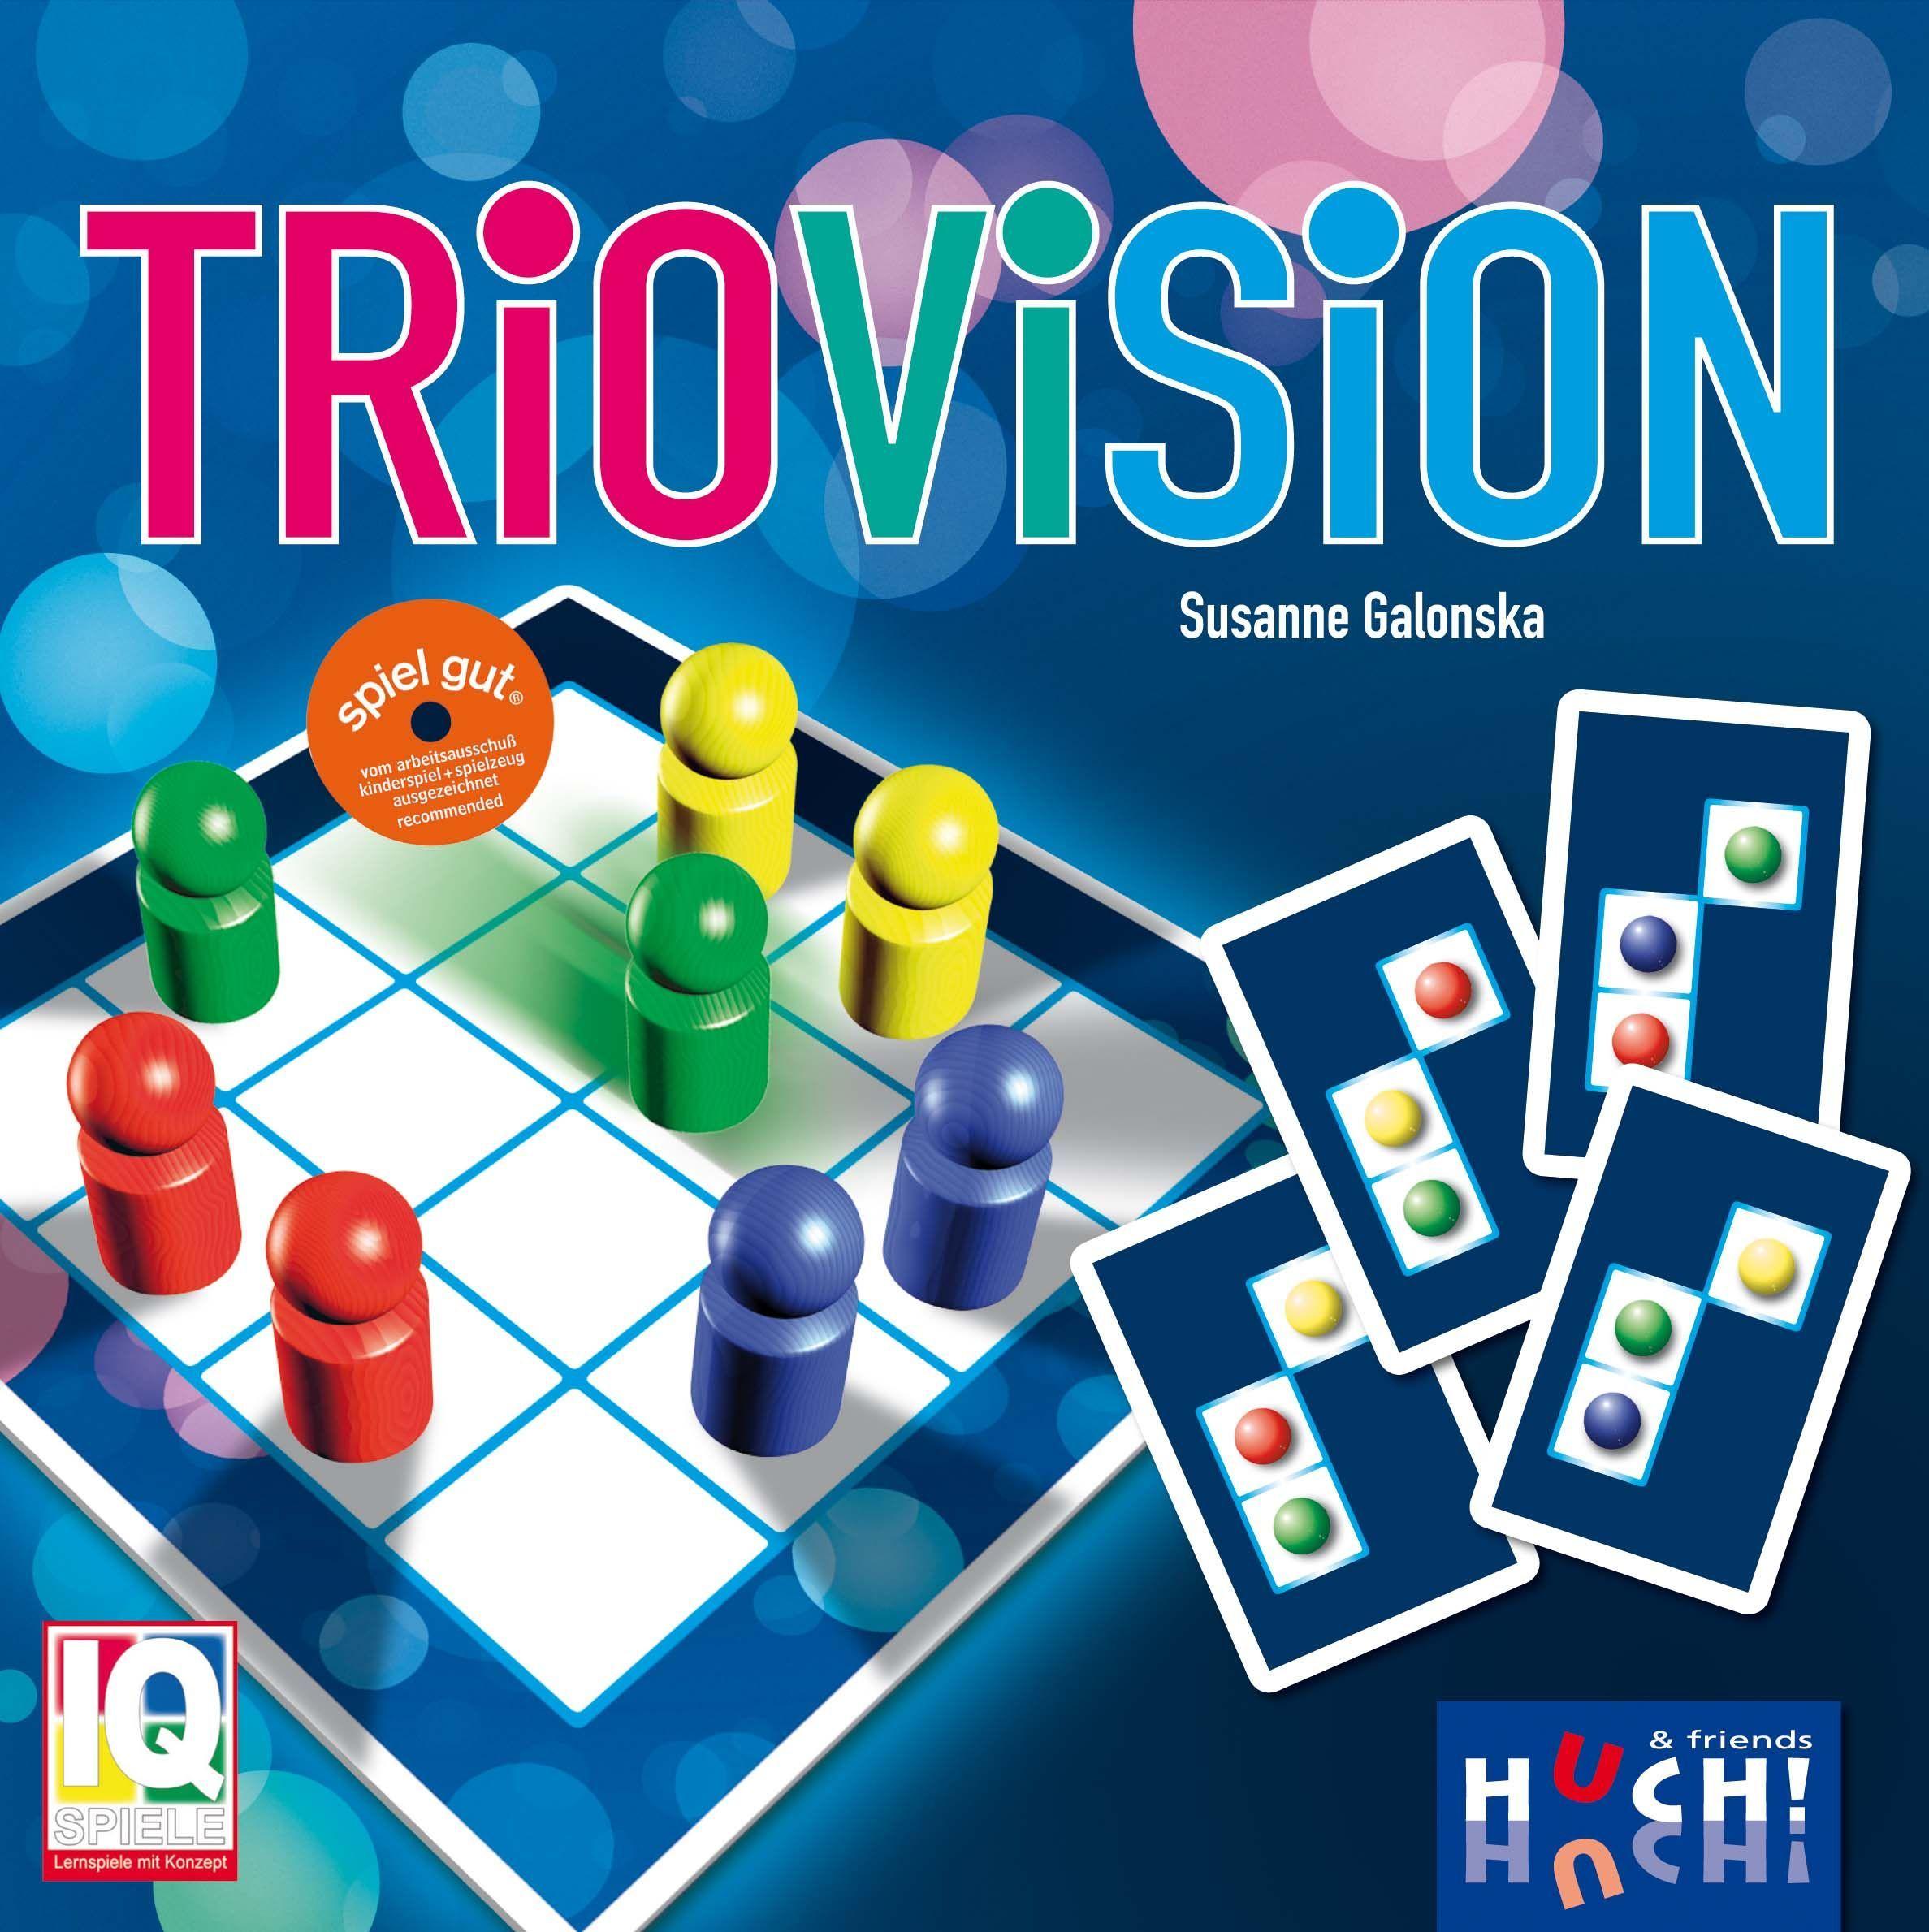 Triovision